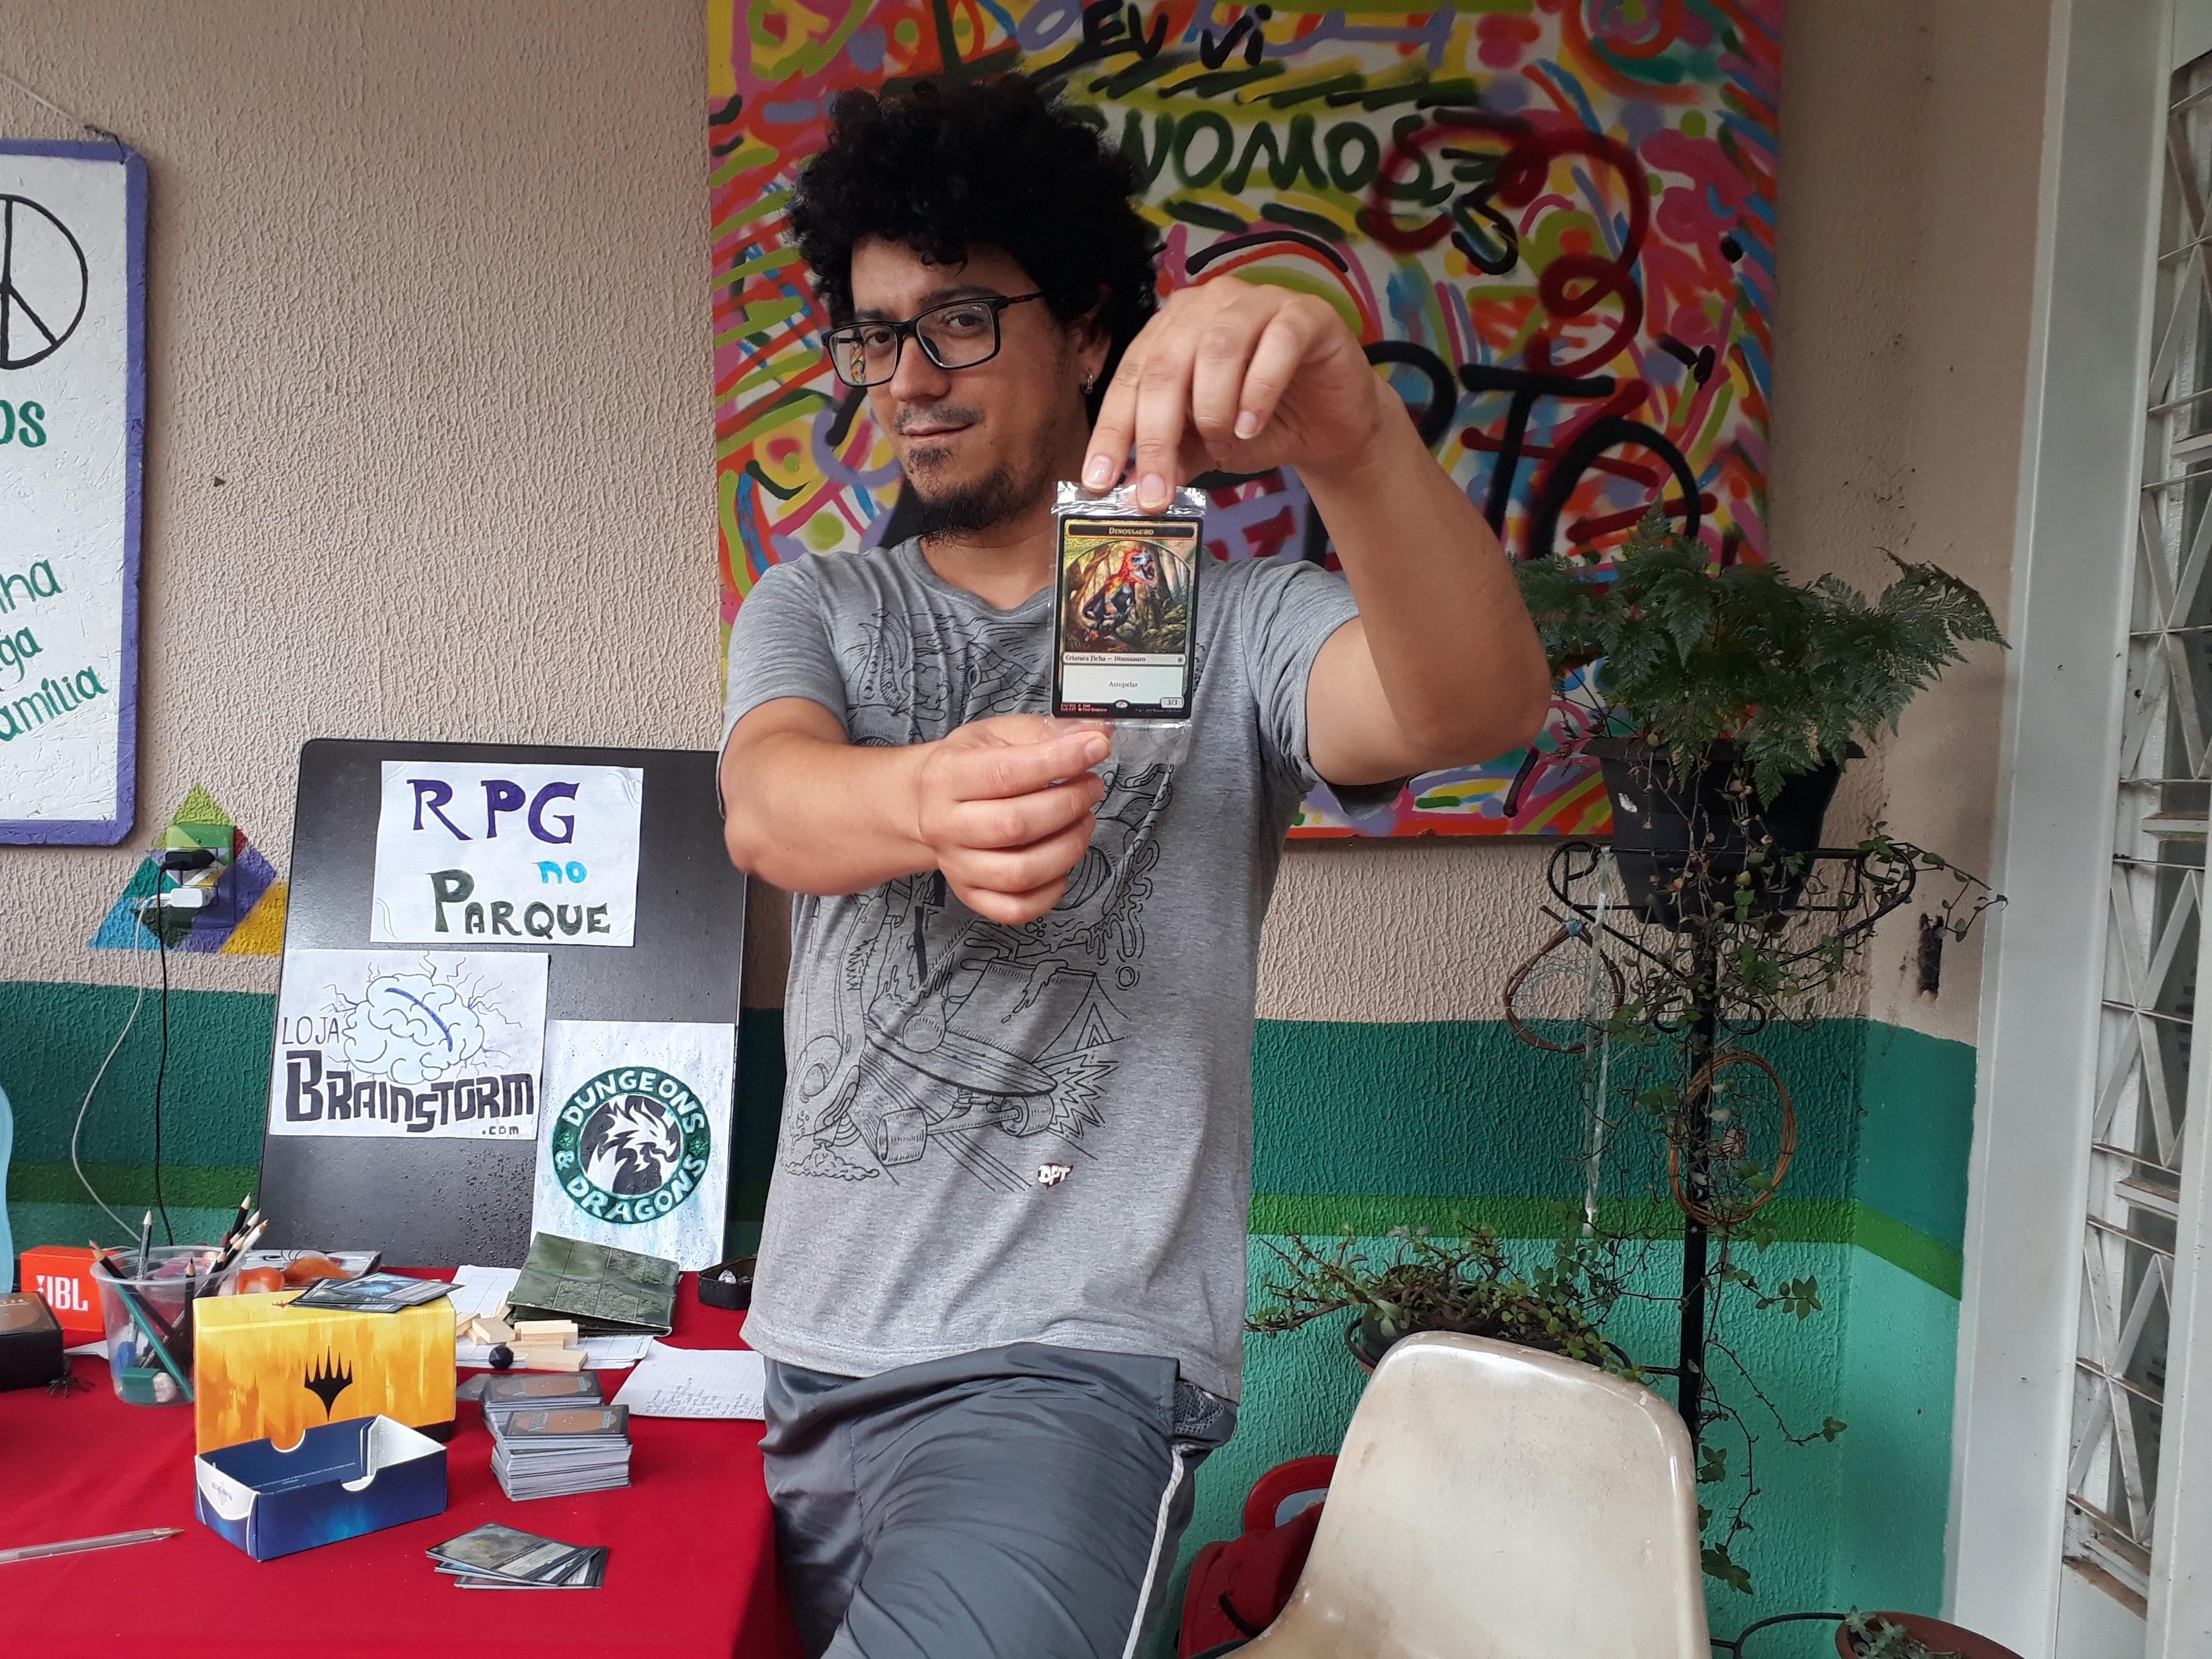 RPG no Parque ganha nova edição neste final de semana em Goiânia